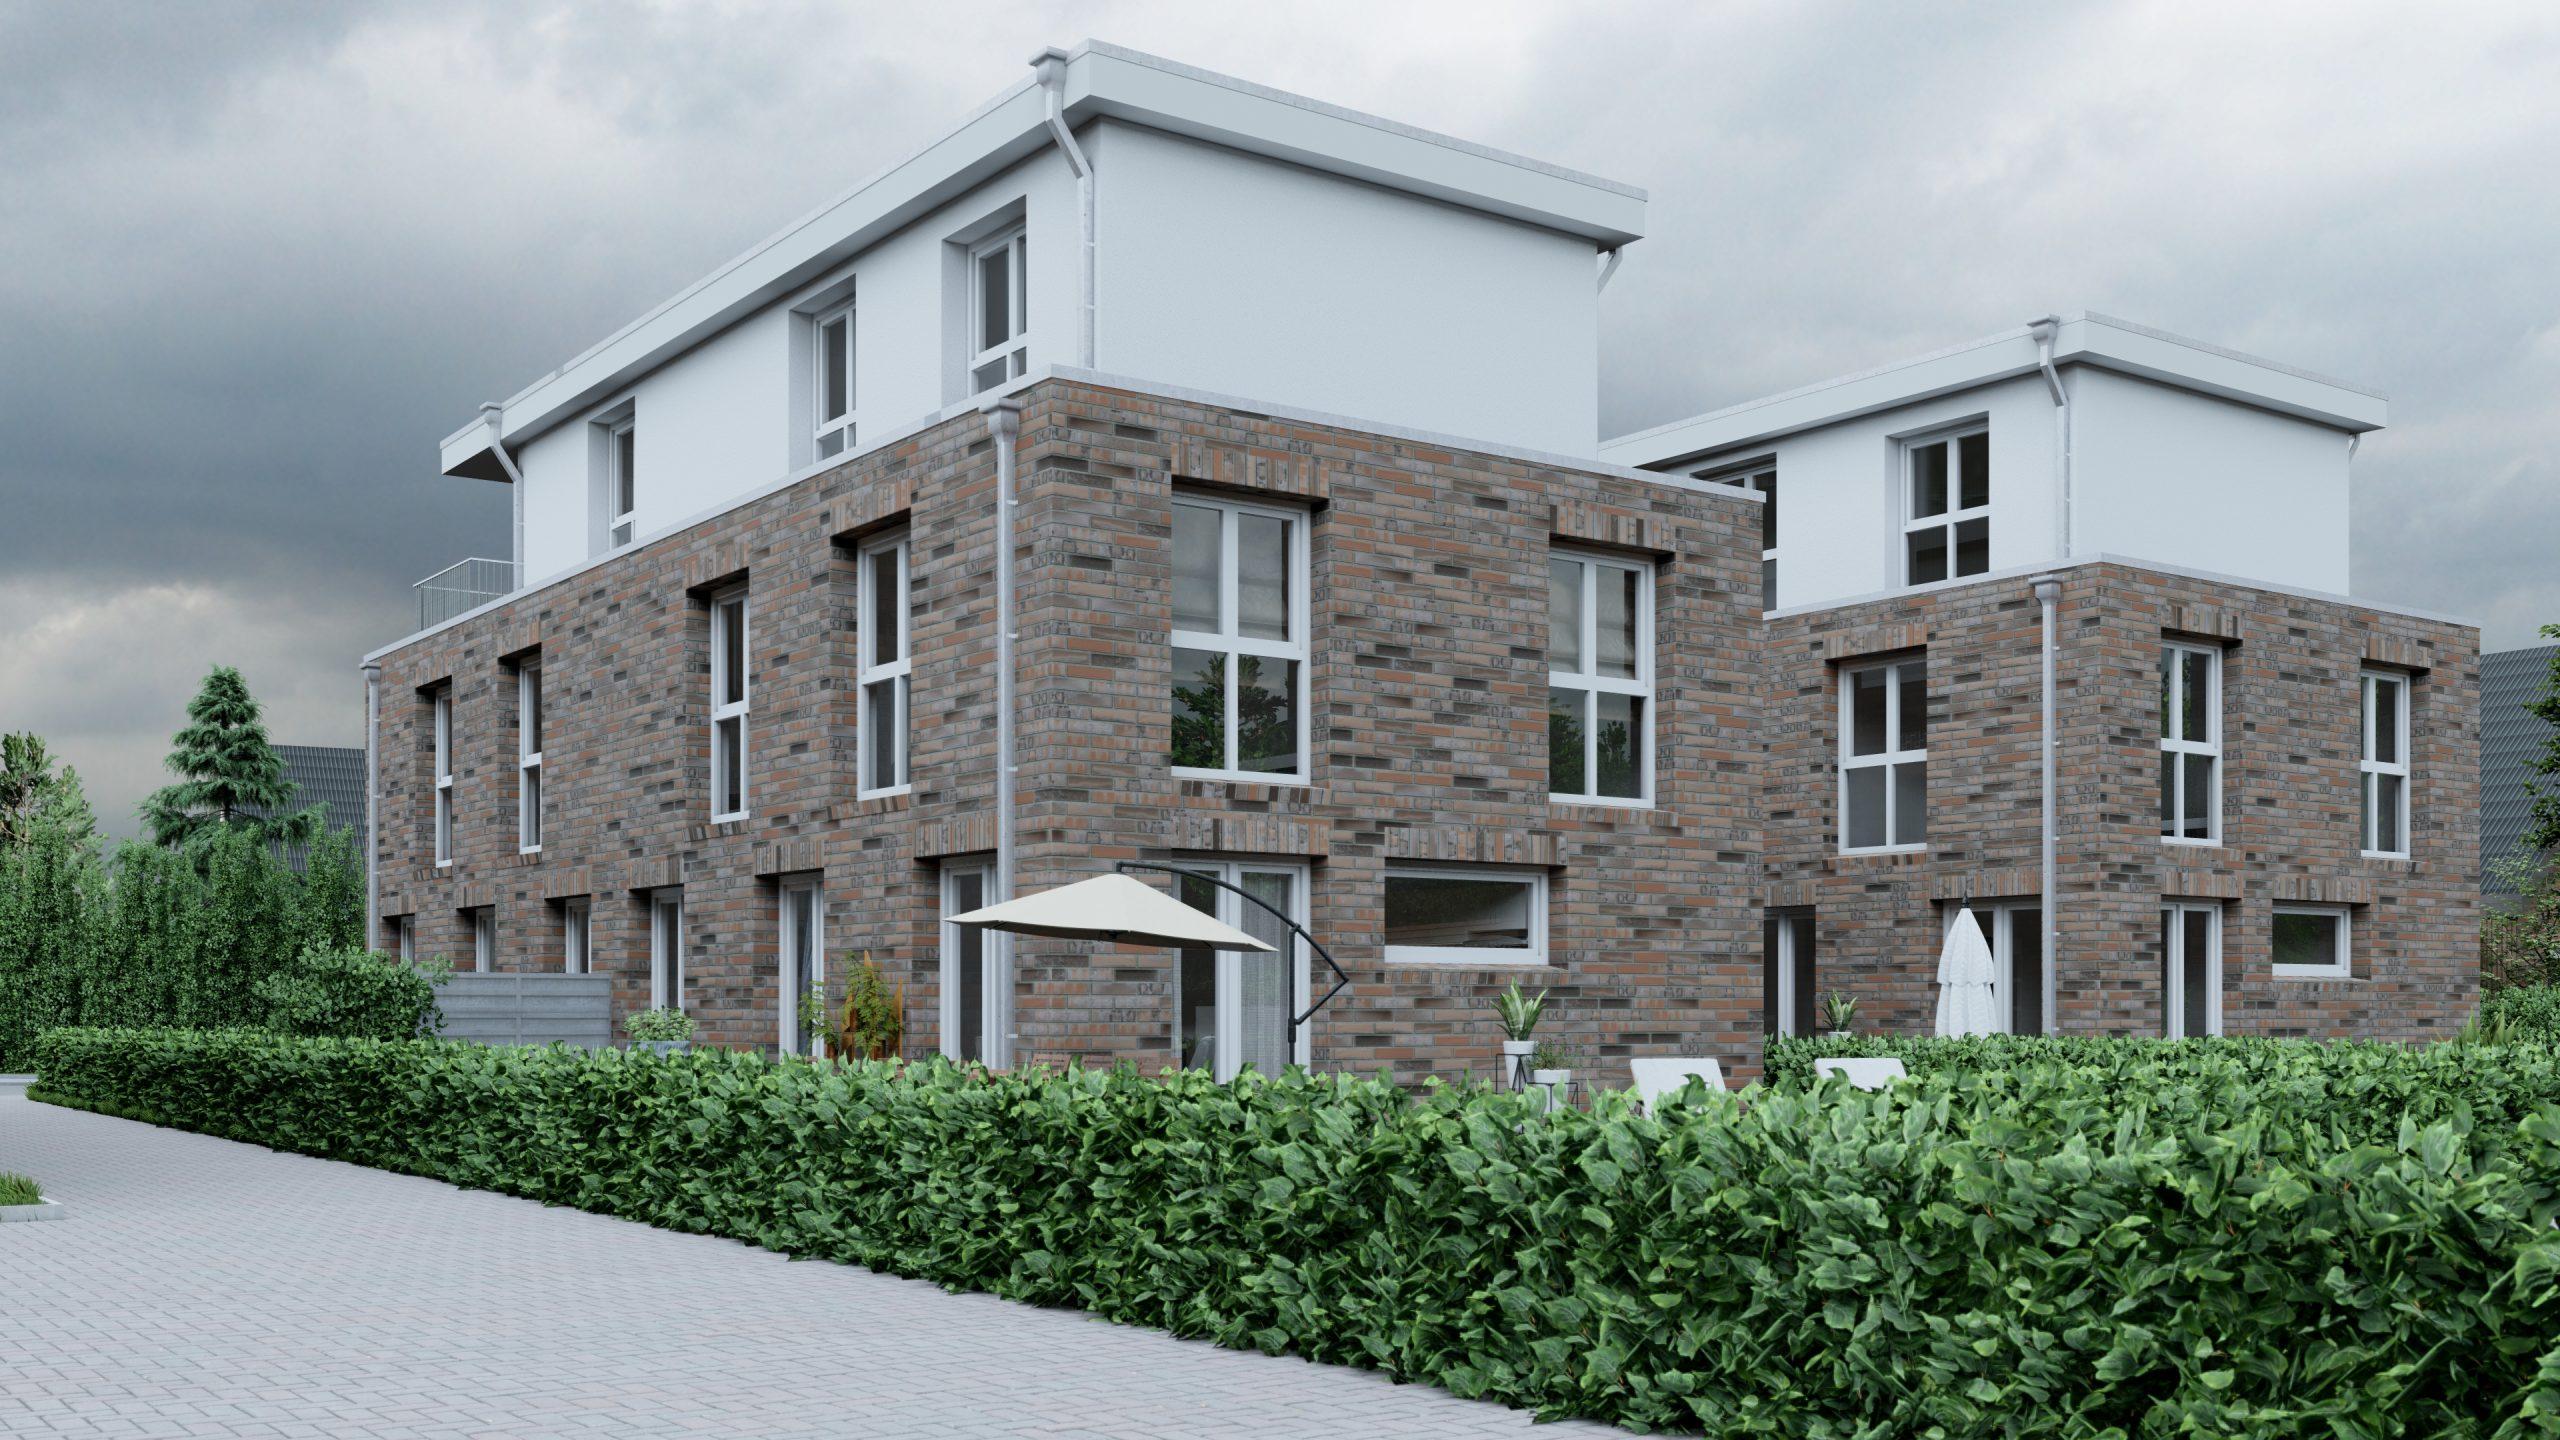 Doppelhaushälfte in ruhiger Wohnstraße in Hamburg-Billstedt (DHH 4) - 416-4-Titel